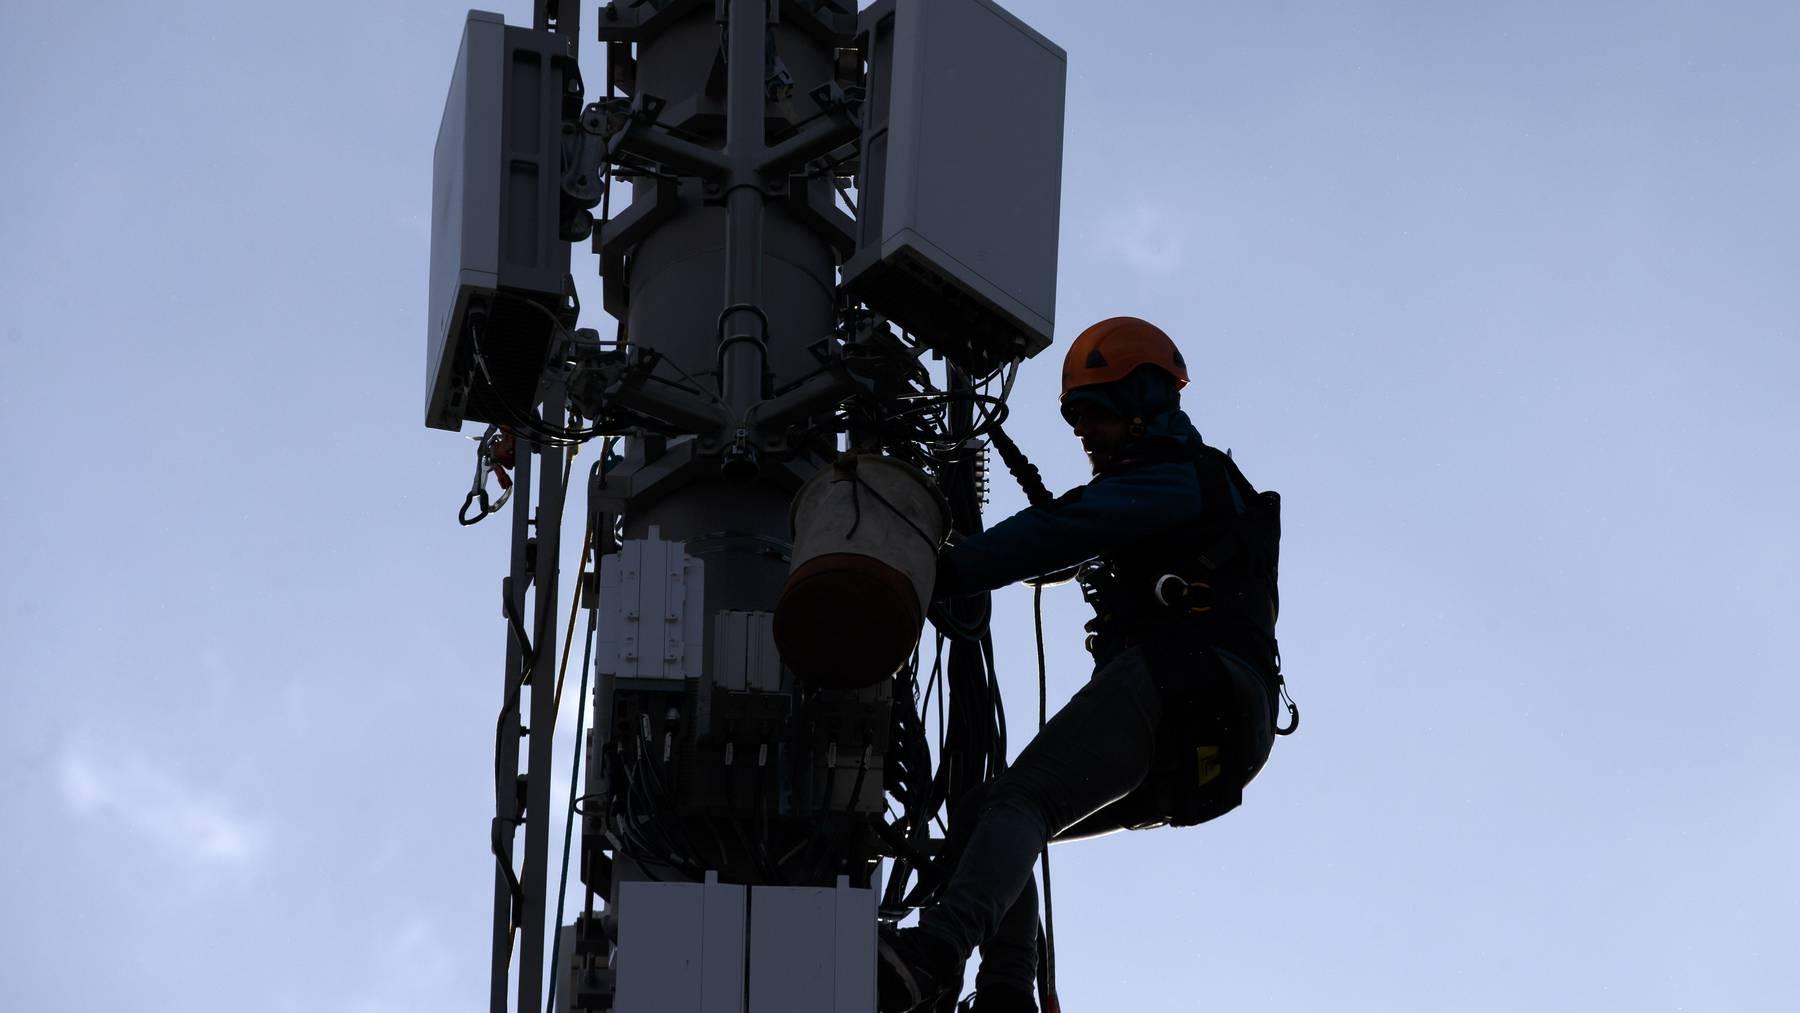 Die Migration von Systemen führte zu einem Netzausfall bei der Swisscom.